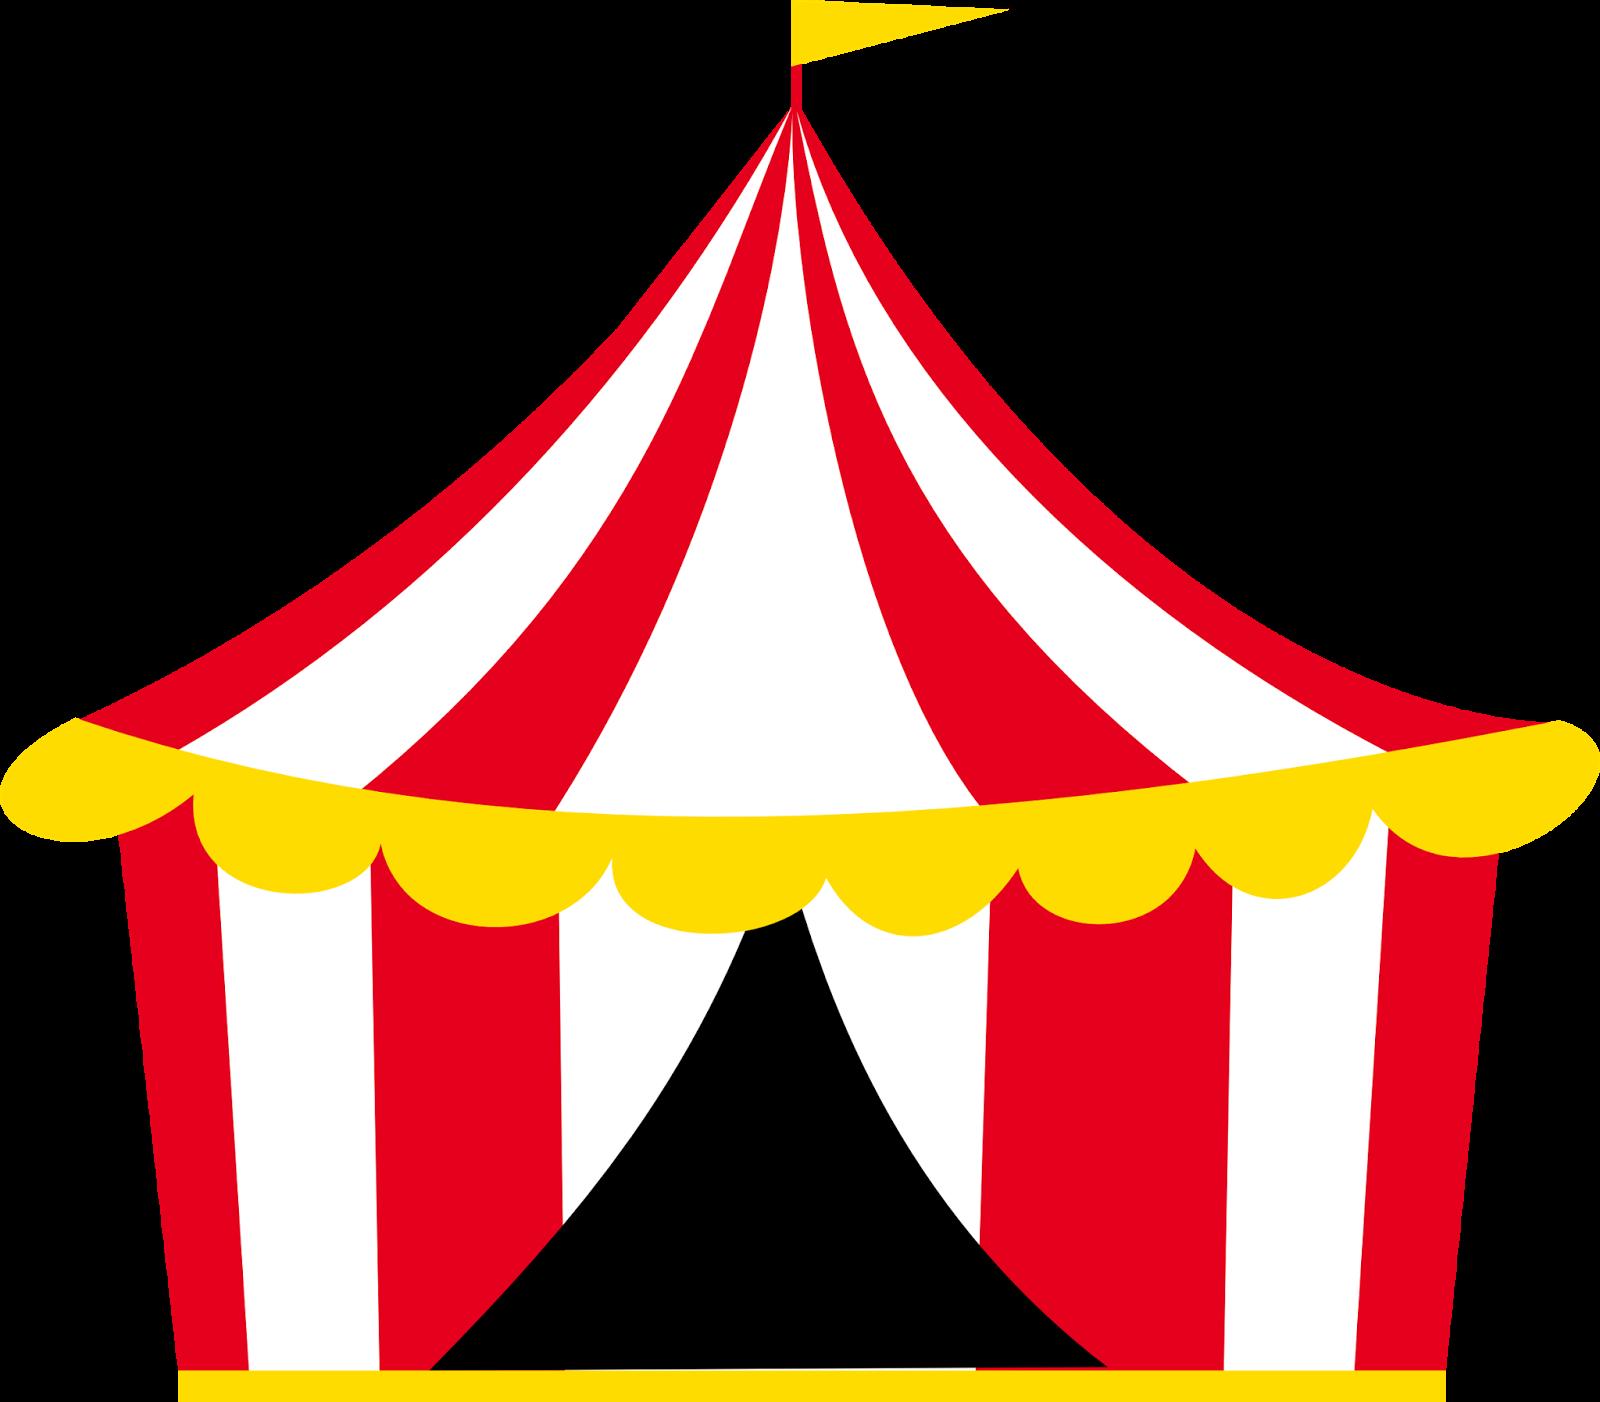 Wheel clipart circus. Tenda circo montando a